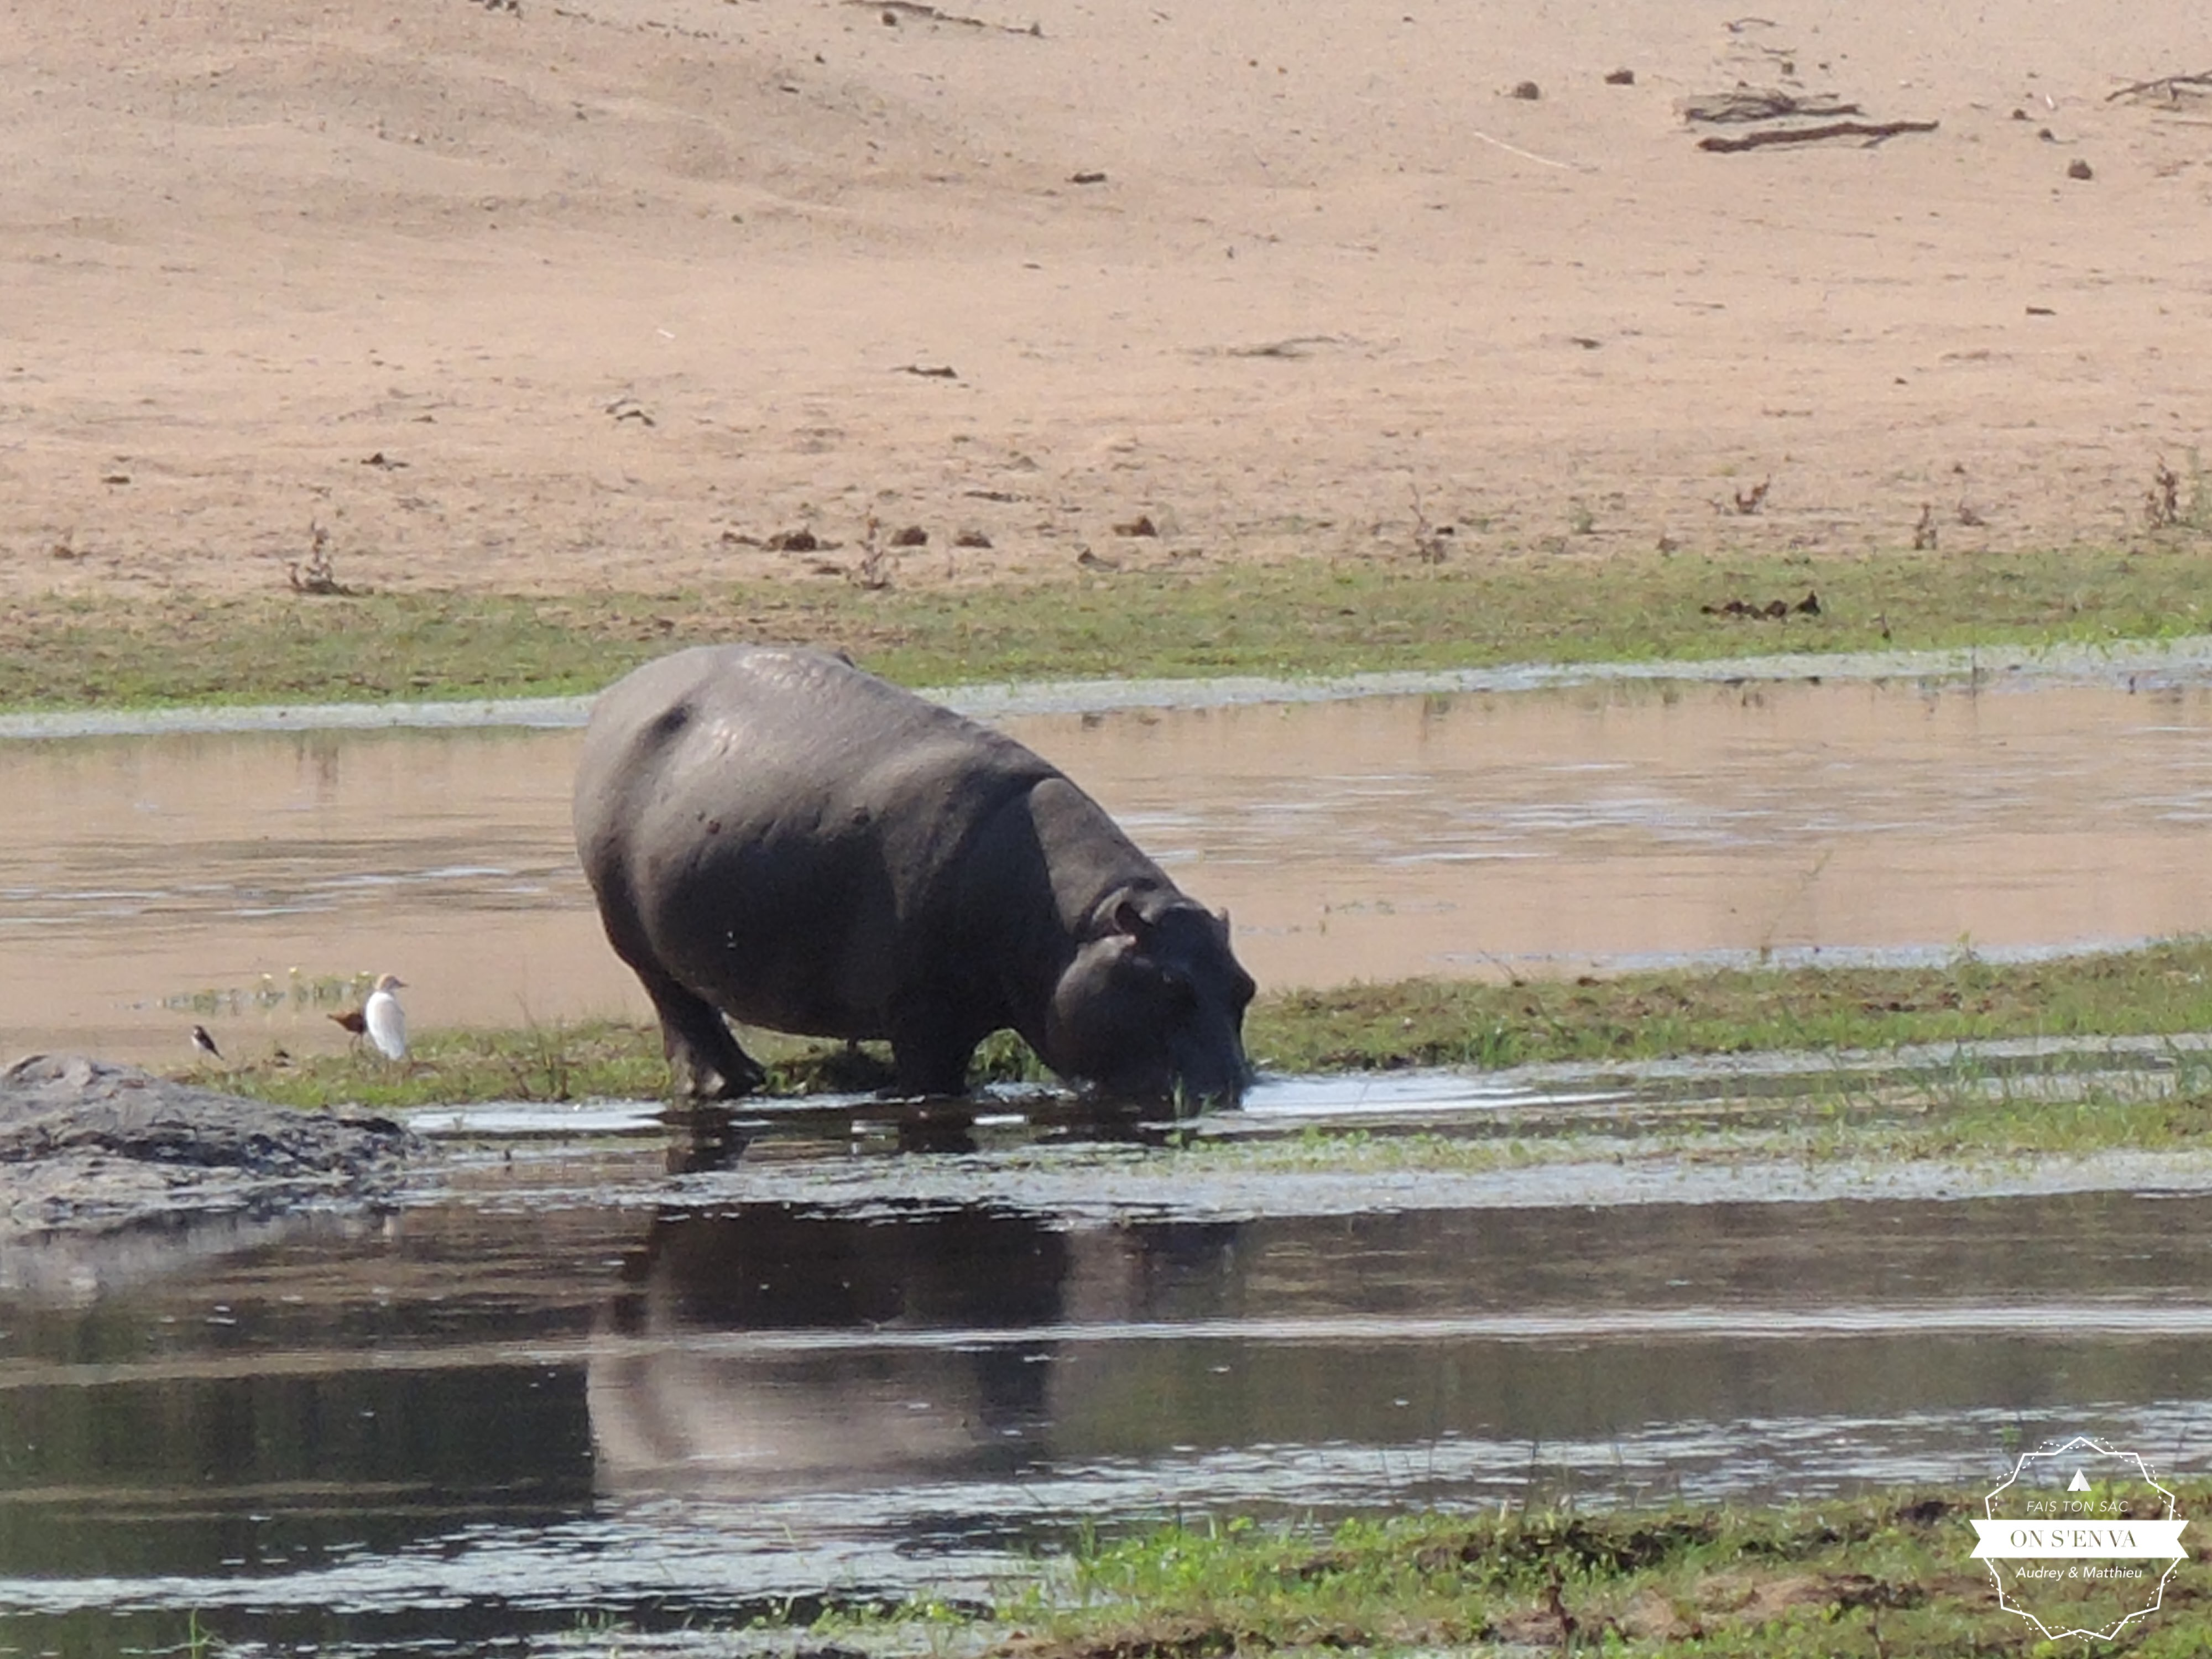 Un hippo hors de  l'eau, enfin!